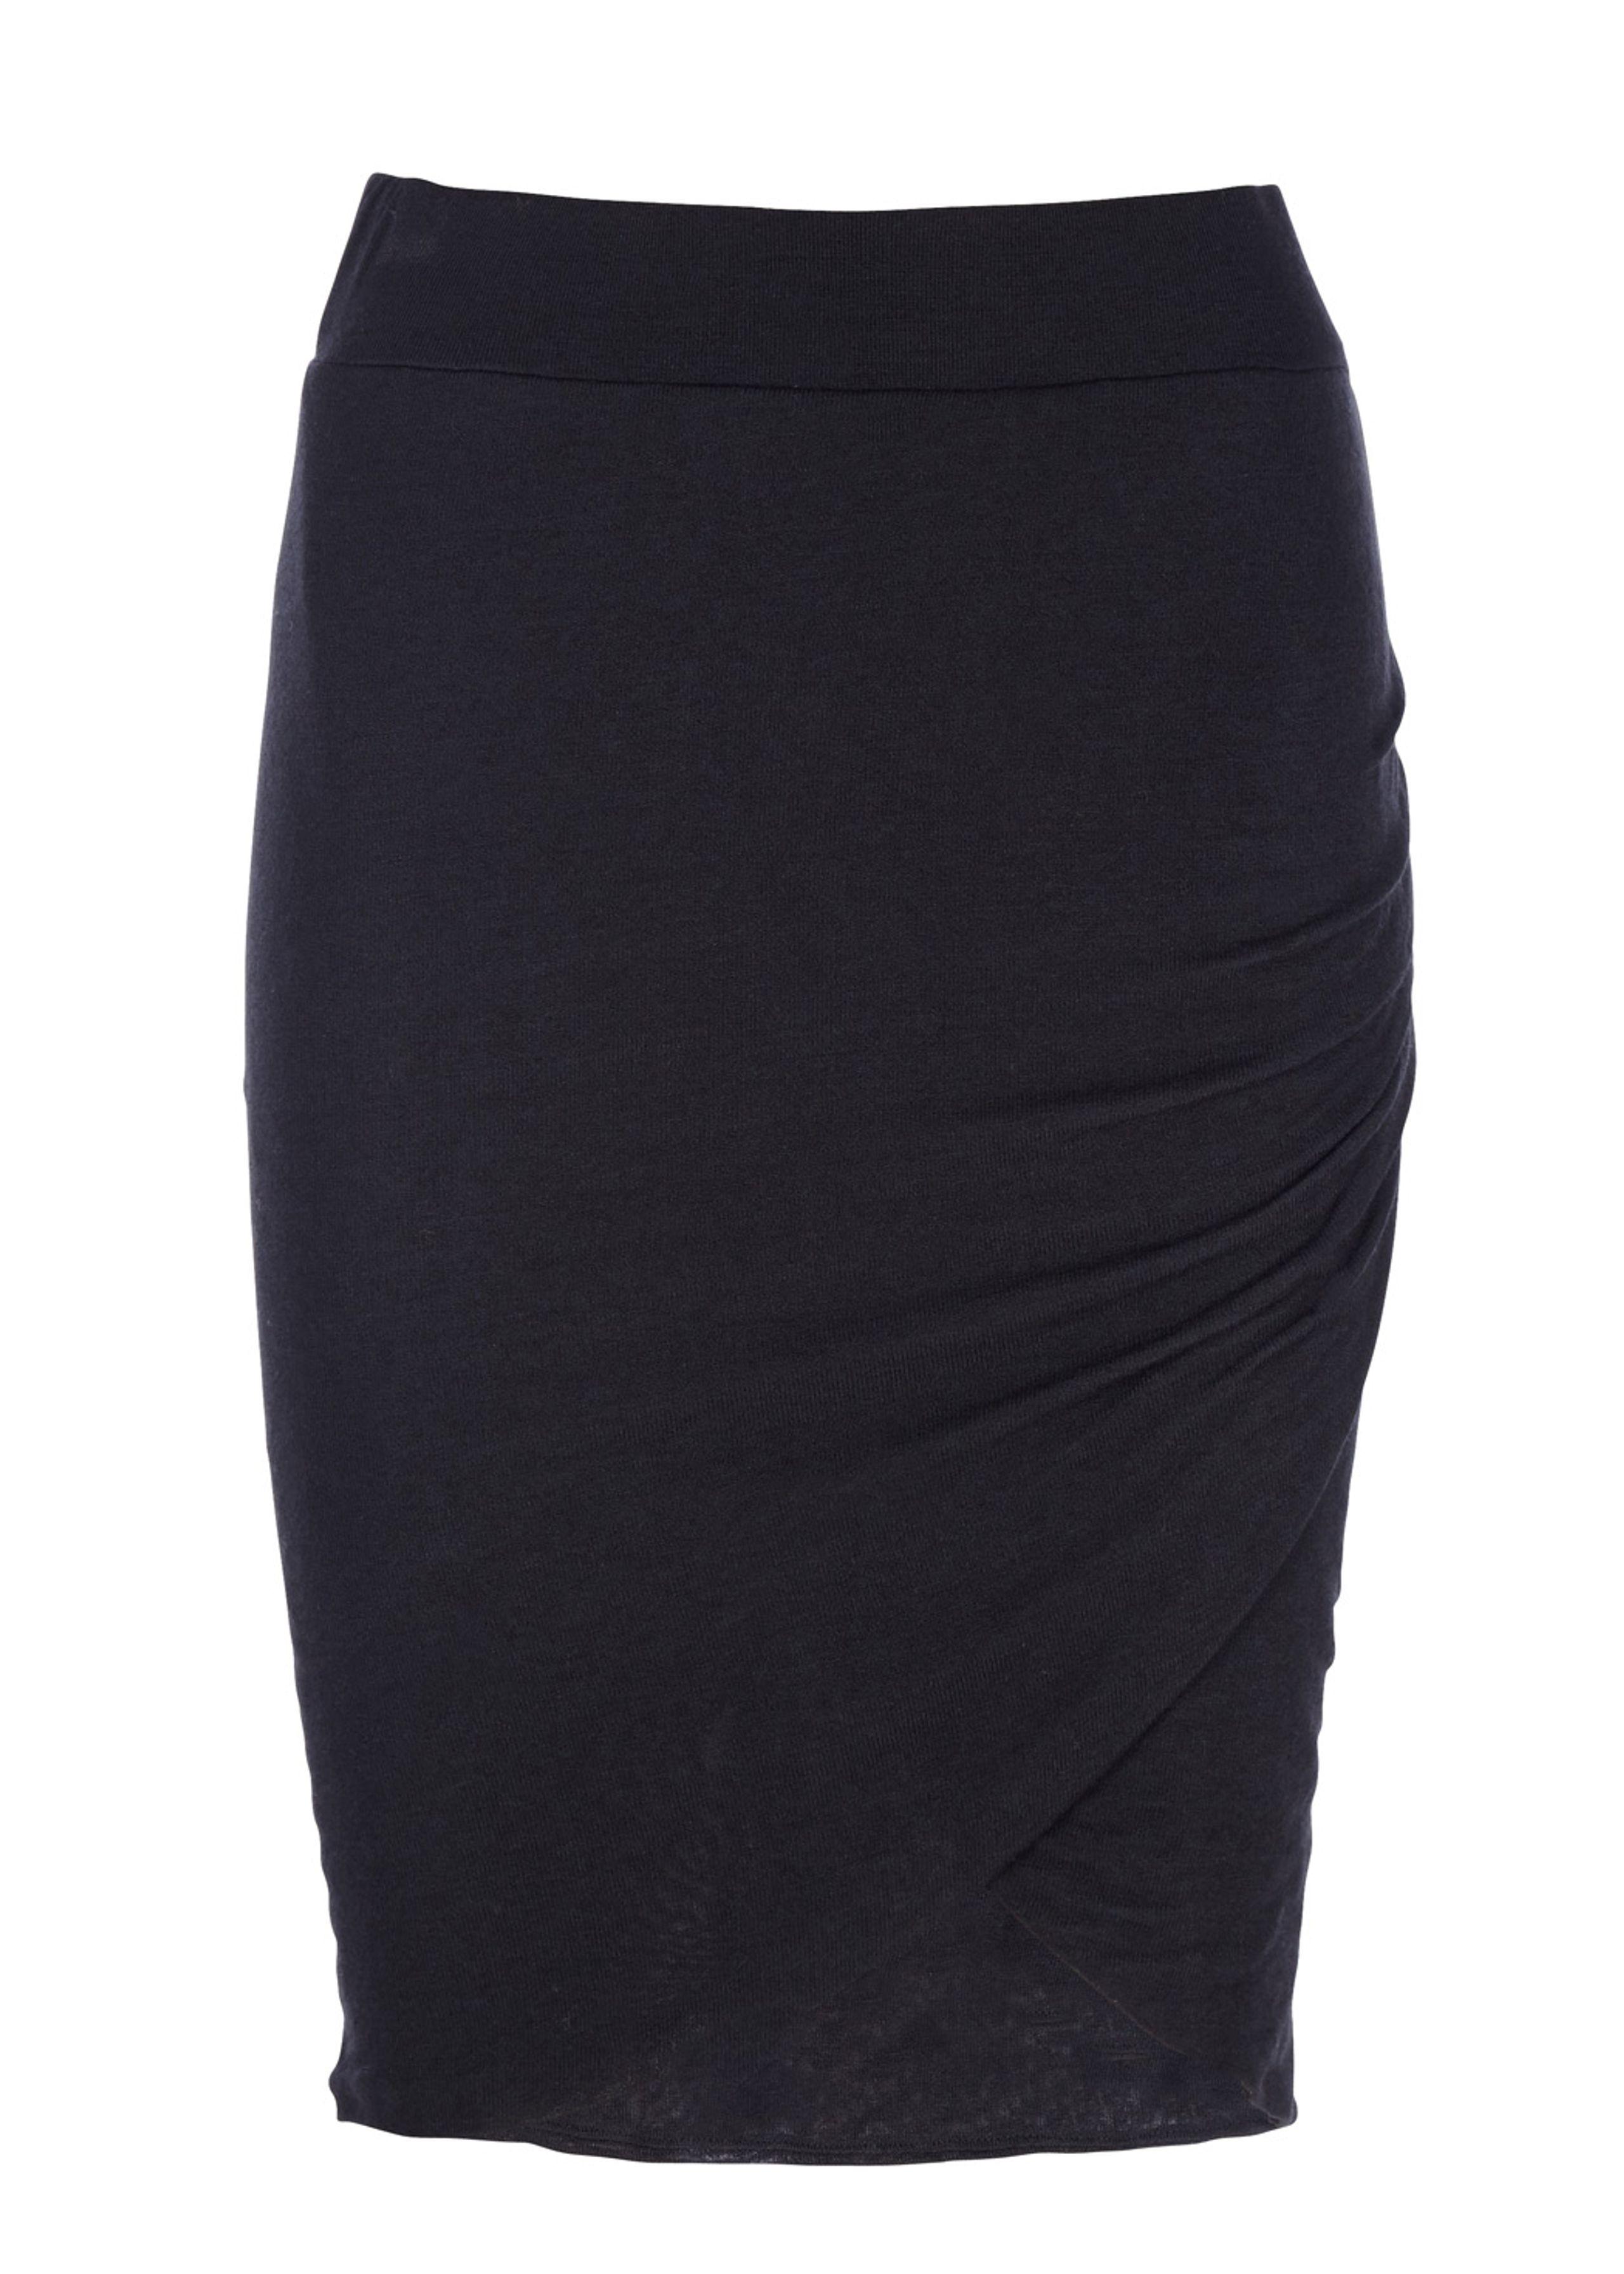 Wenke skirt